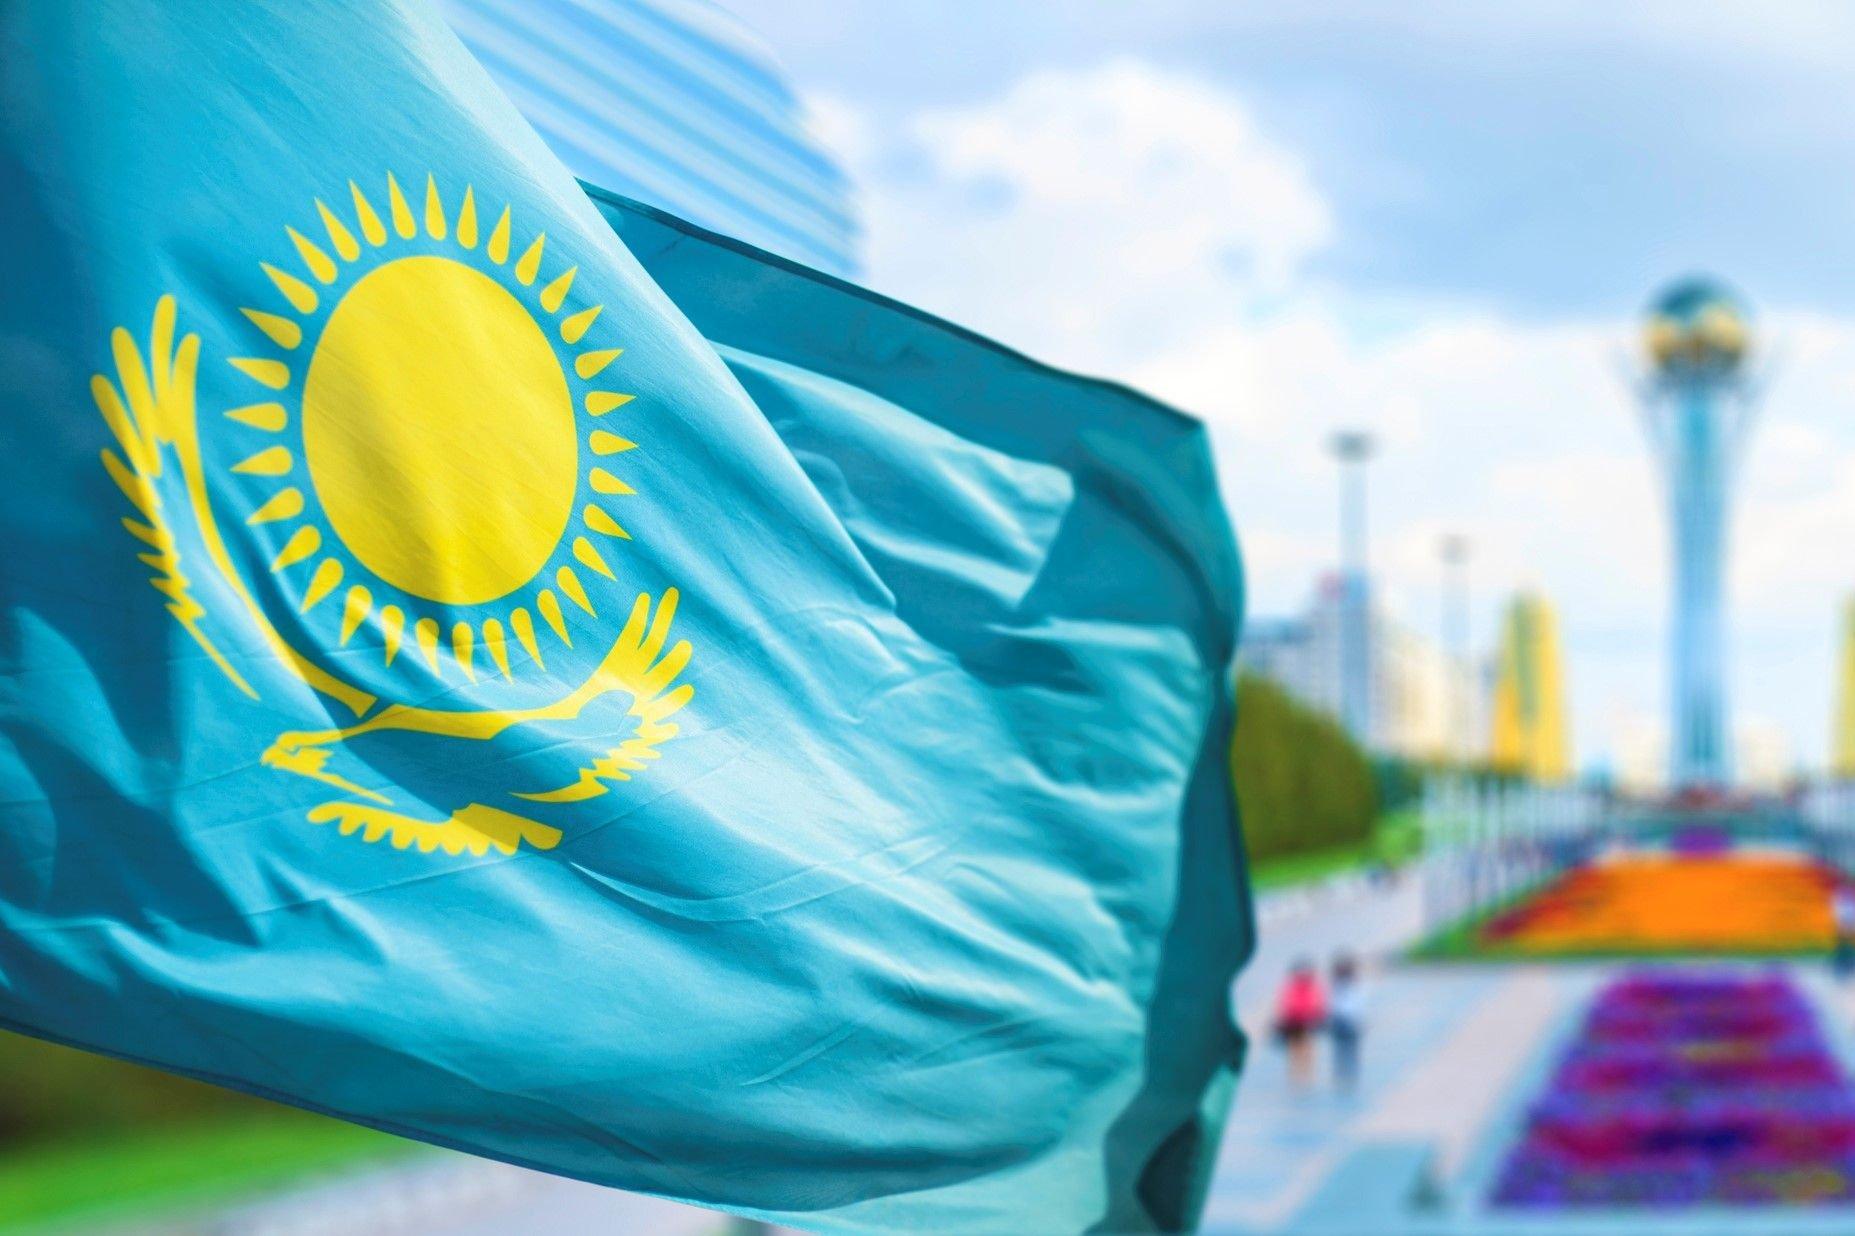 1619347124_9-phonoteka_org-p-flag-kazakhstana-fon-10